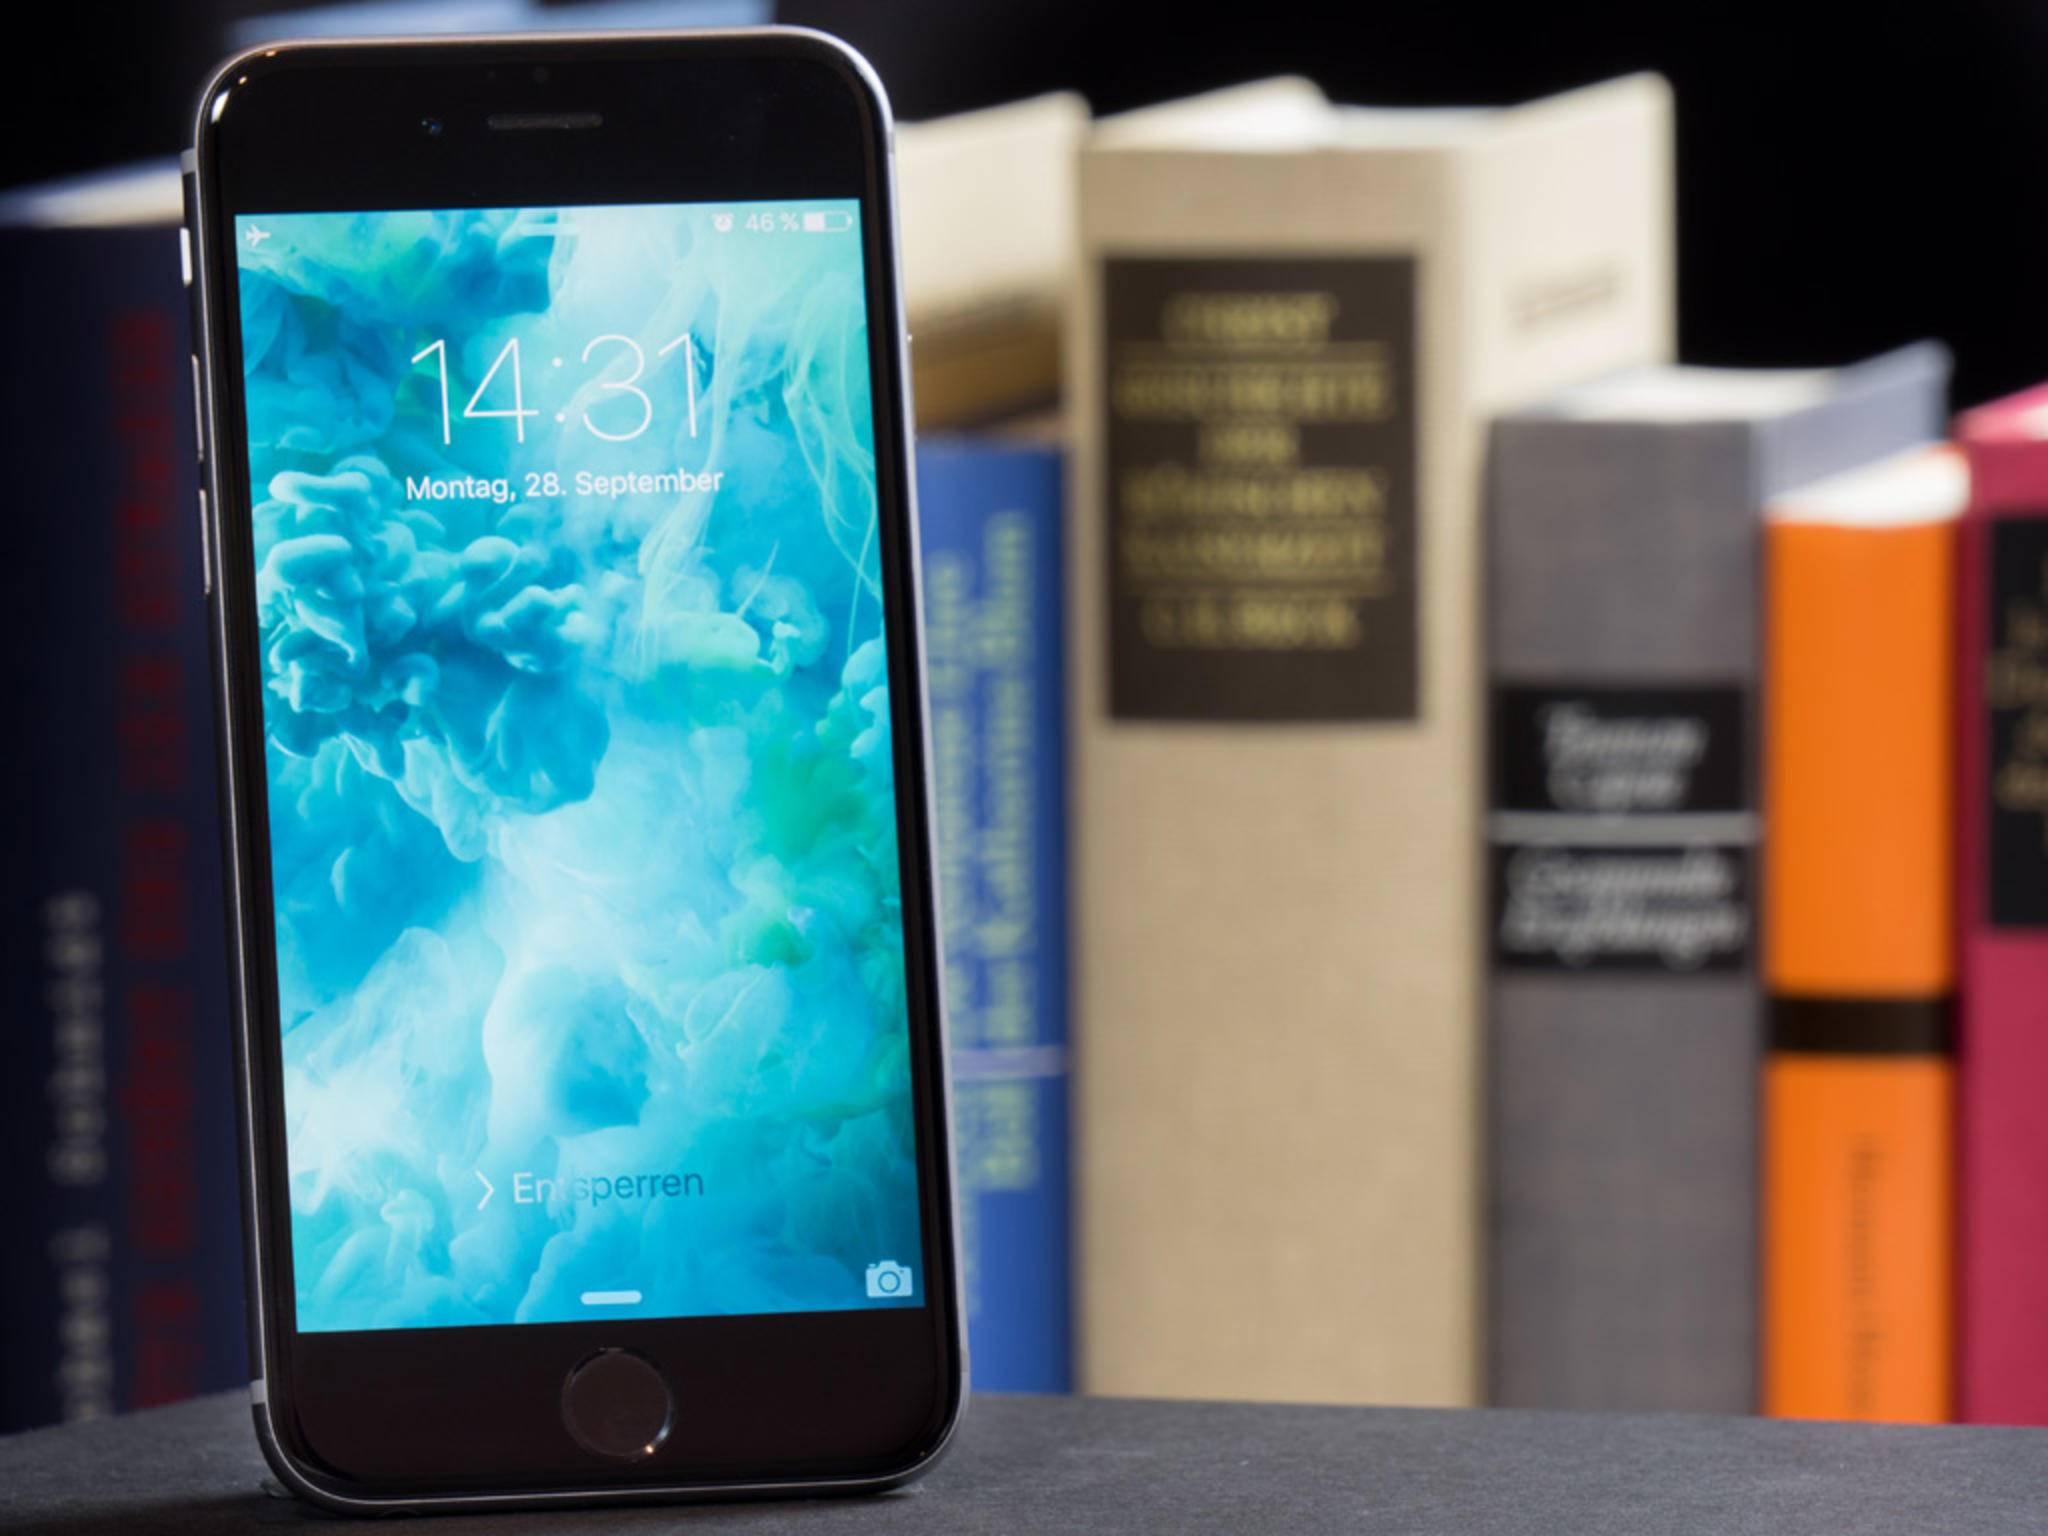 Das iPhone 6s beherrschte mt seinem #Chipgate die Schlagzeilen.